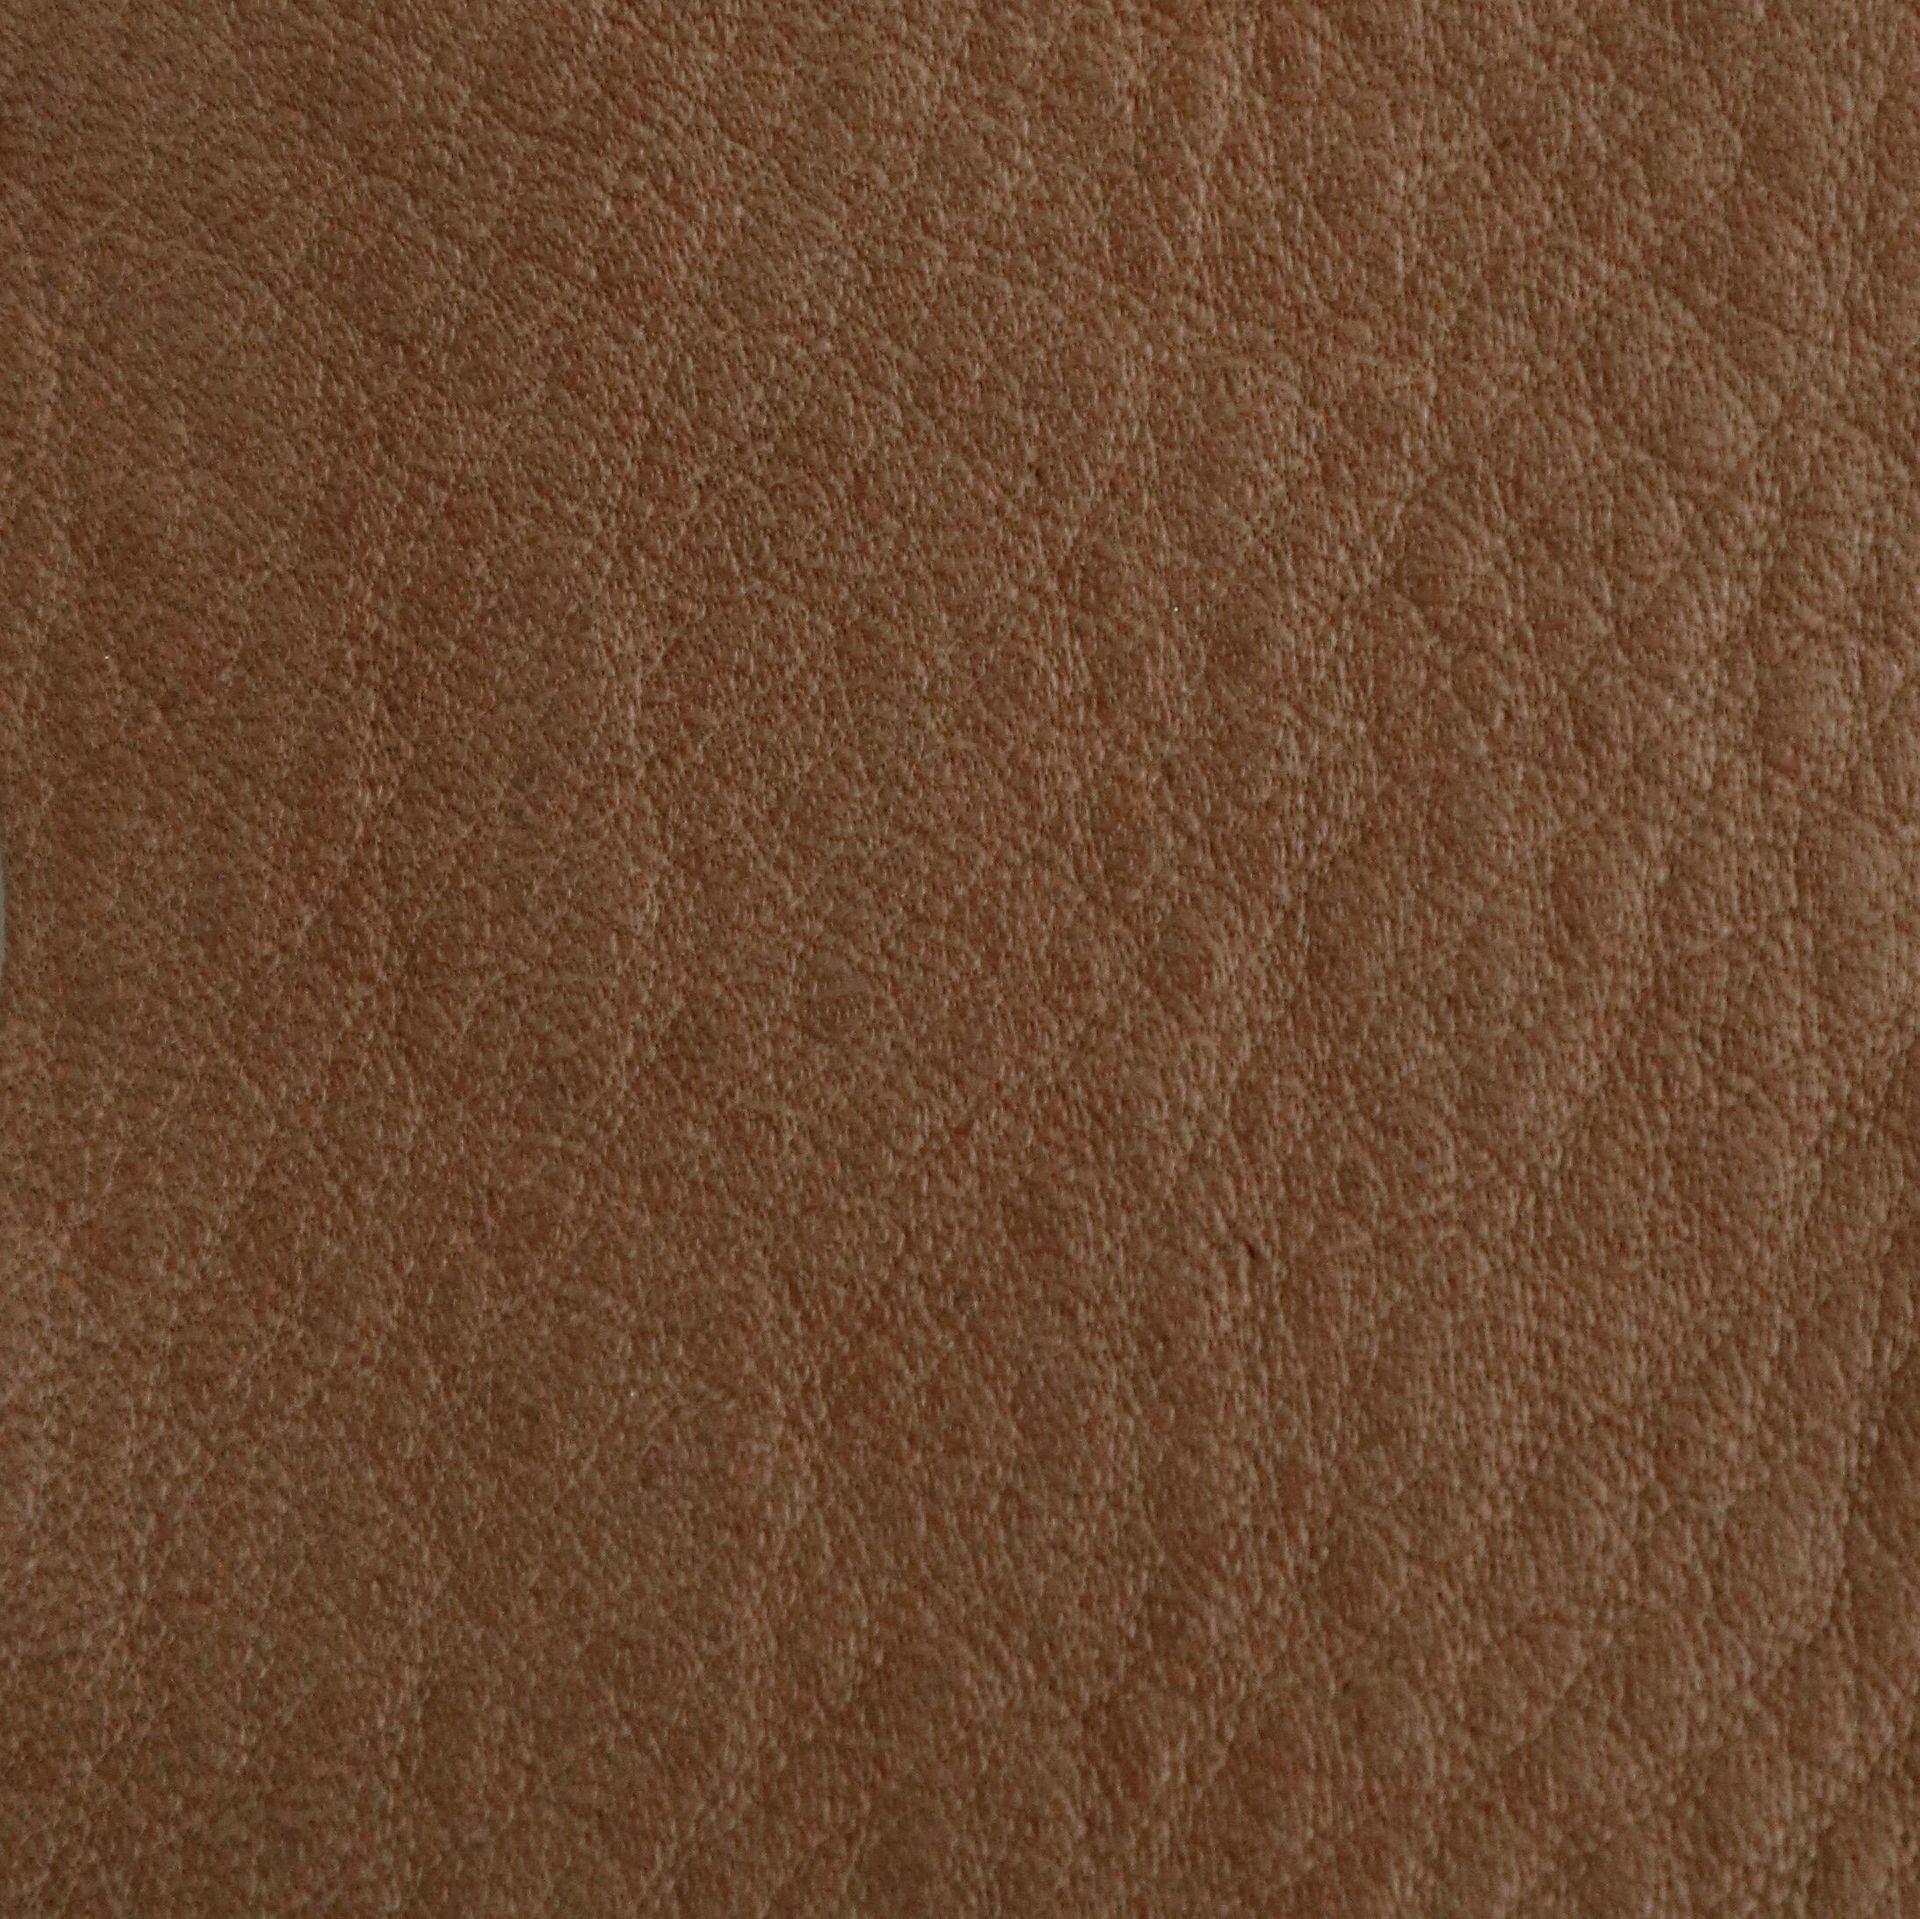 Bestellung kostenloser Rindleder Muster.